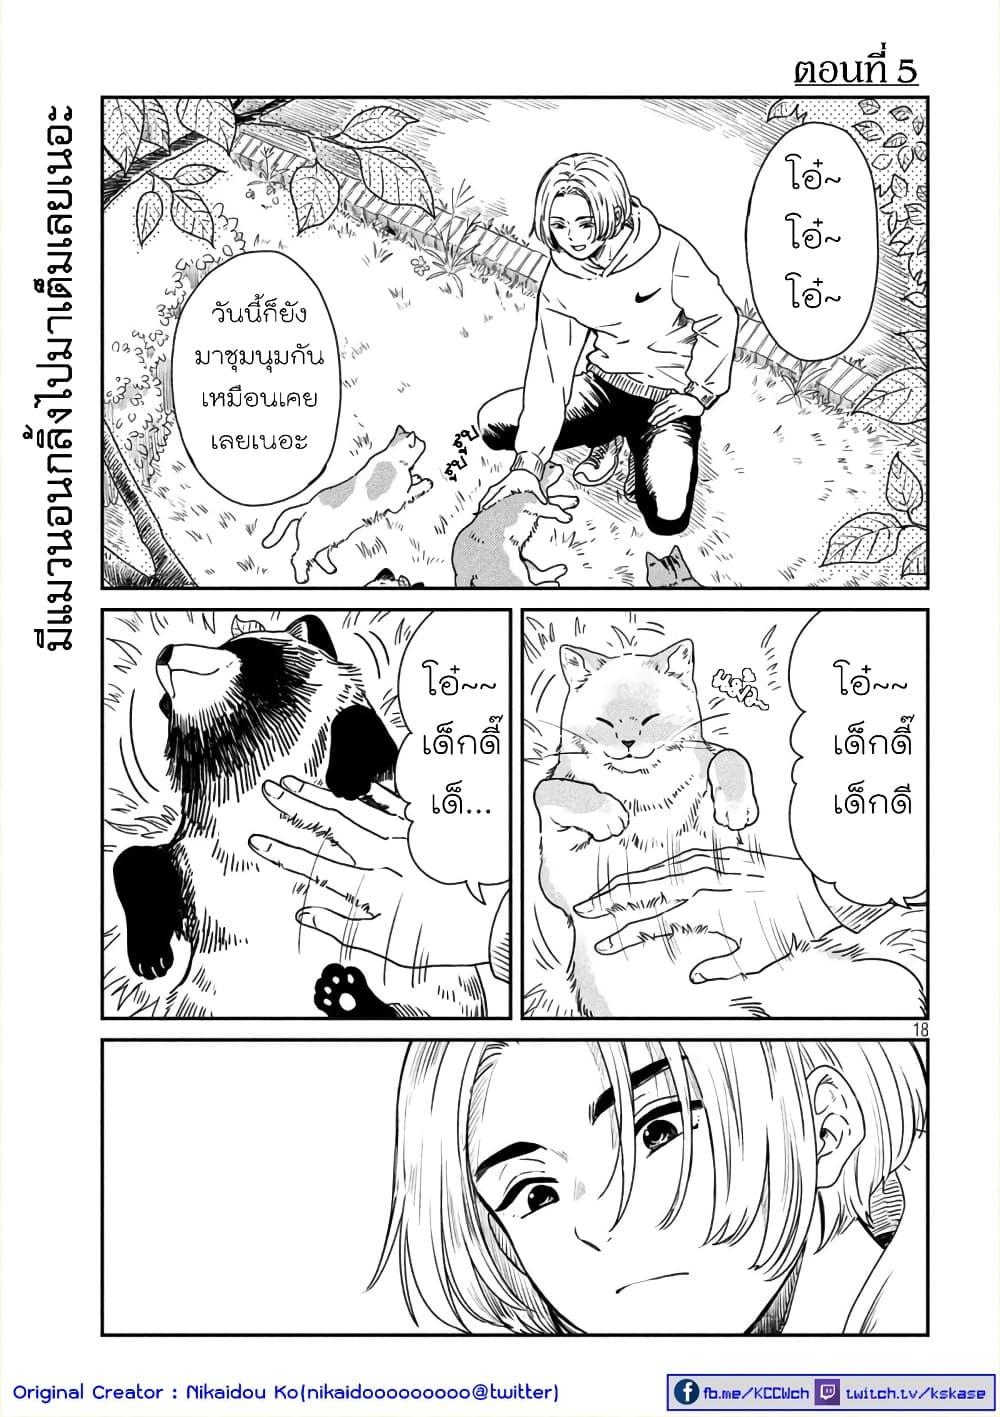 อ่านการ์ตูน Ame to Kimi to ตอนที่ 5 หน้าที่ 1